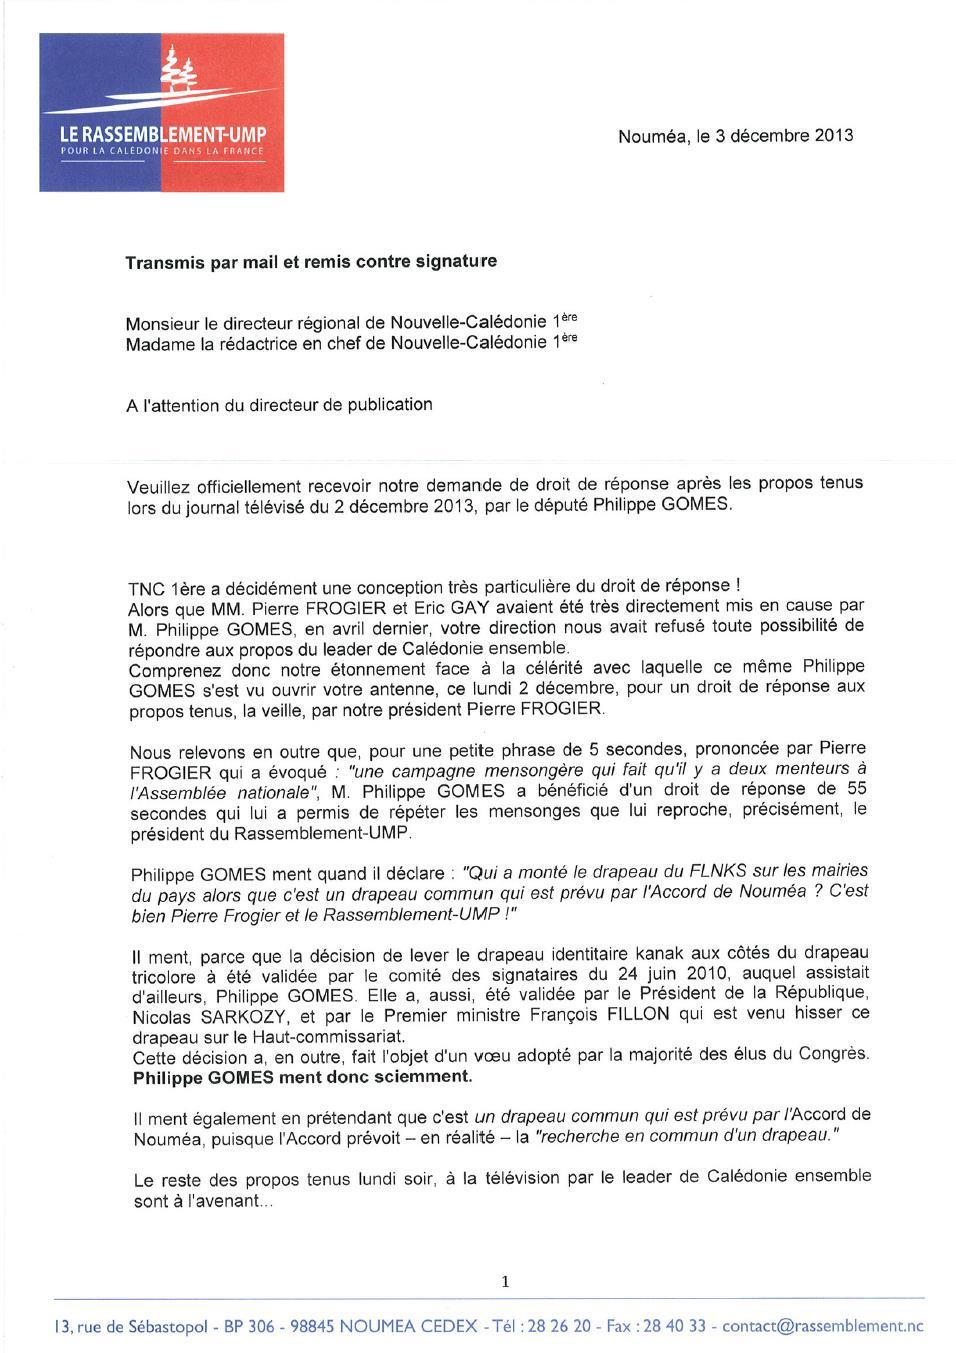 2013-12-03-droit-de-reponse-page-1